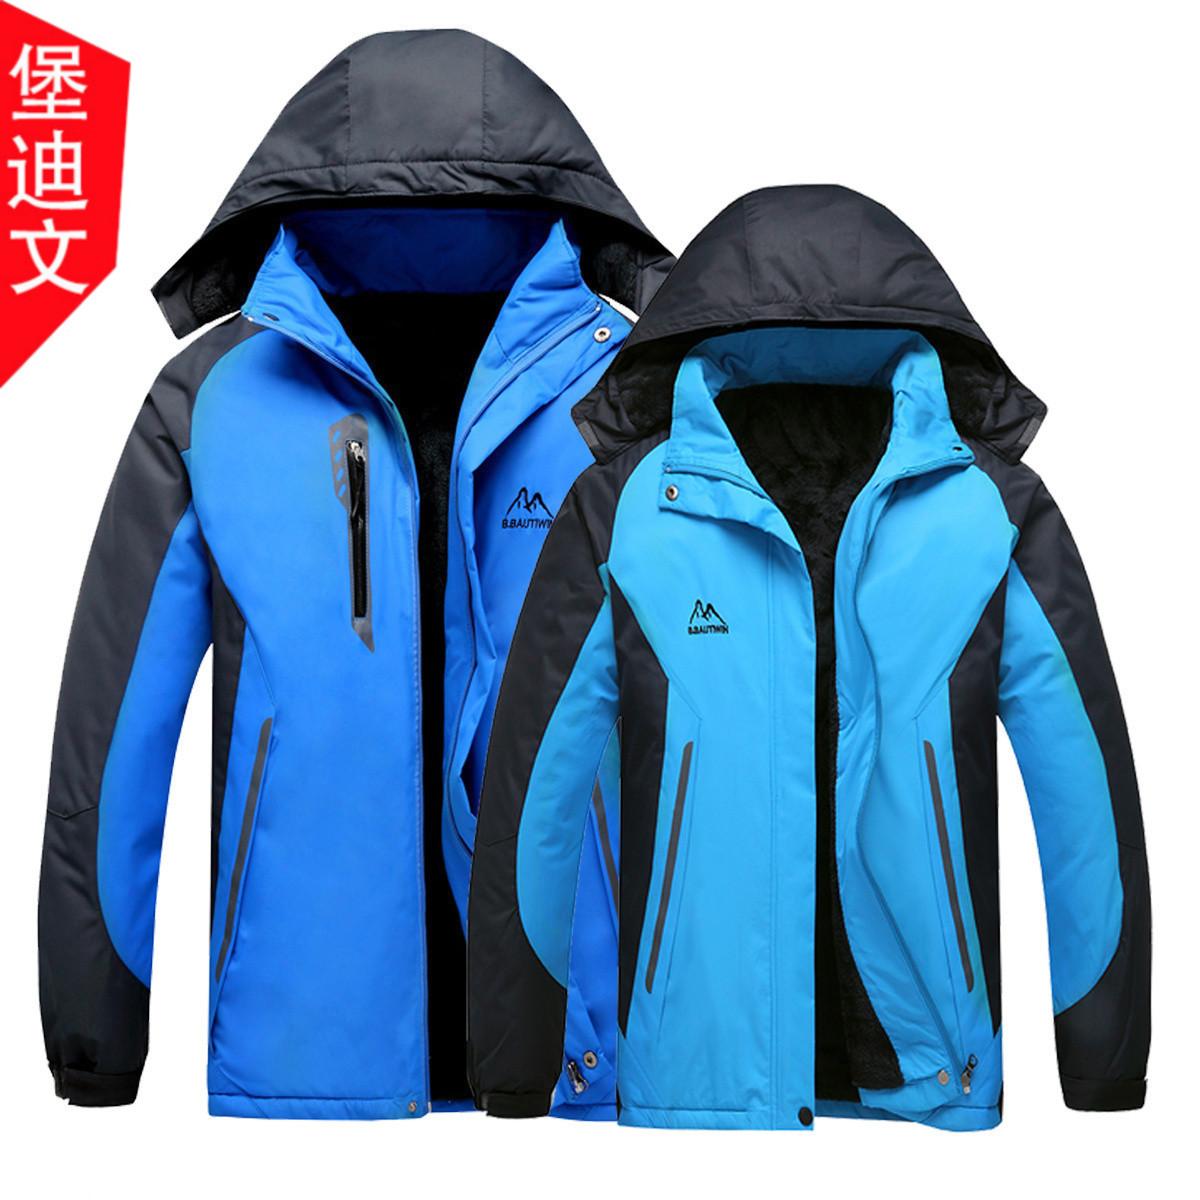 Мужские и женские для влюбленной пары стиль зима стиль замшевый утепленный Наружная спортивная одежда для отдыха Альпинизм холодный хлопок одежда куртка волна